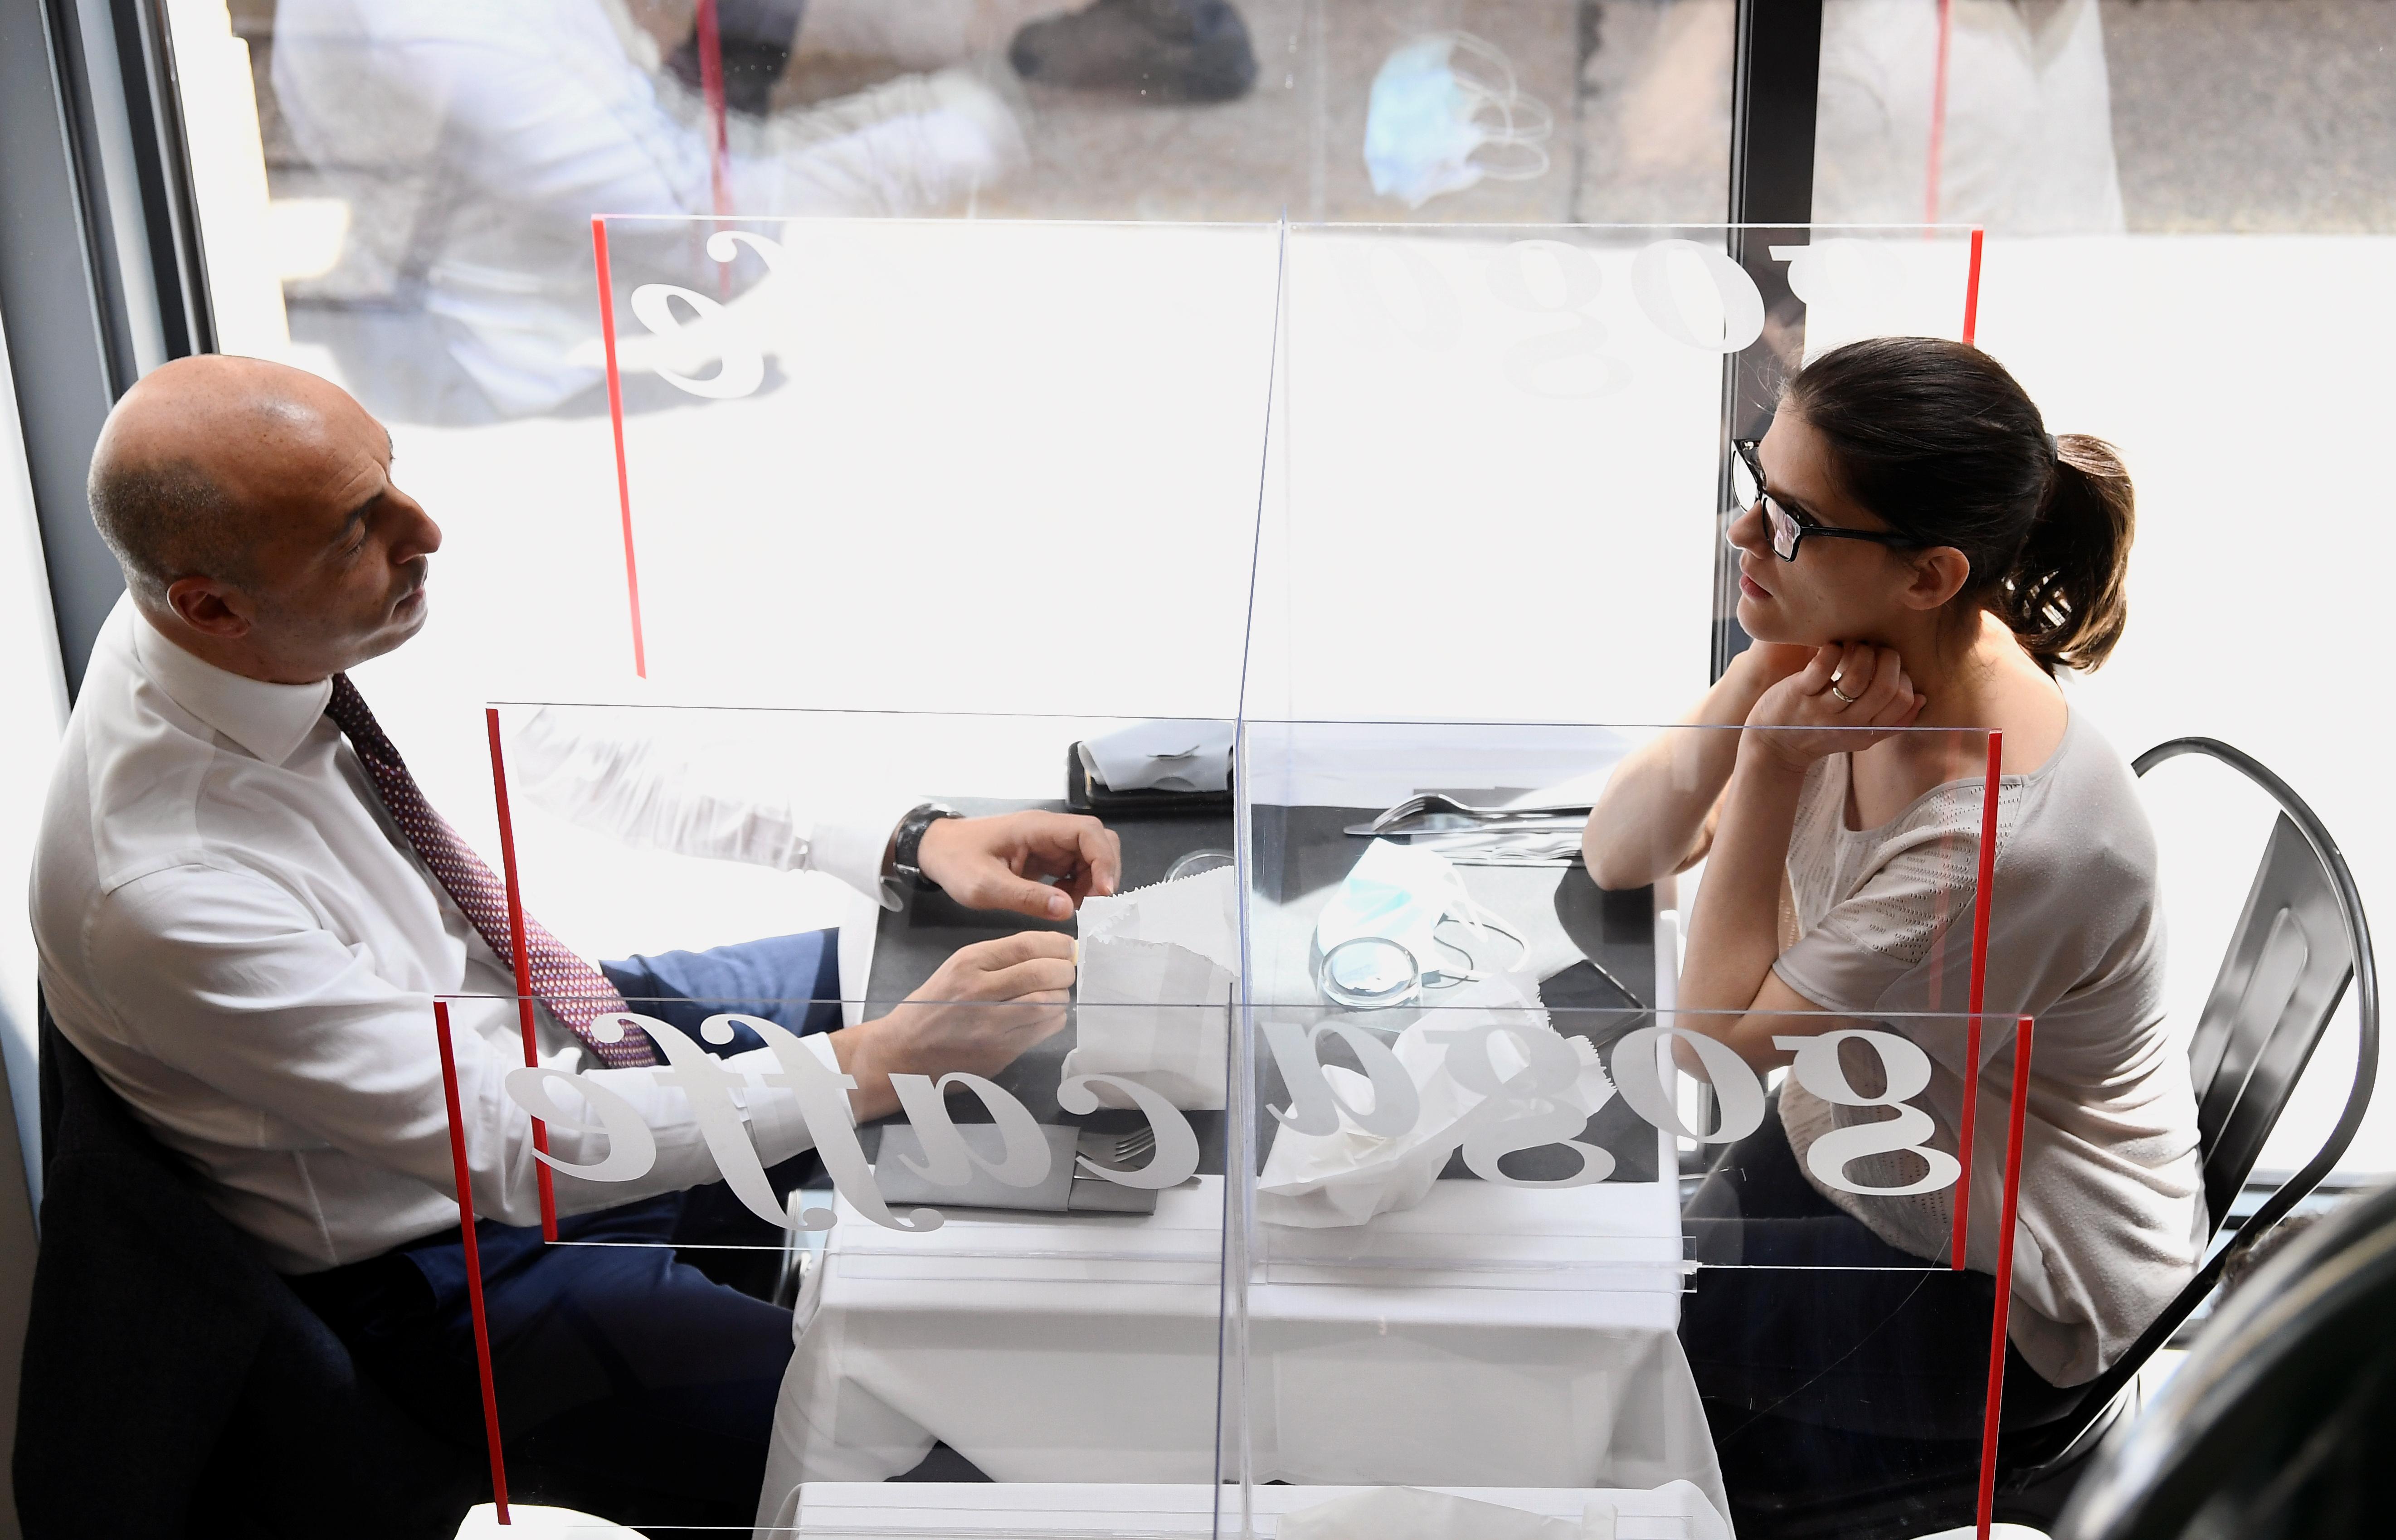 Personas en un restaurante de Milán (Reuters/ Flavio Lo Scalzo)